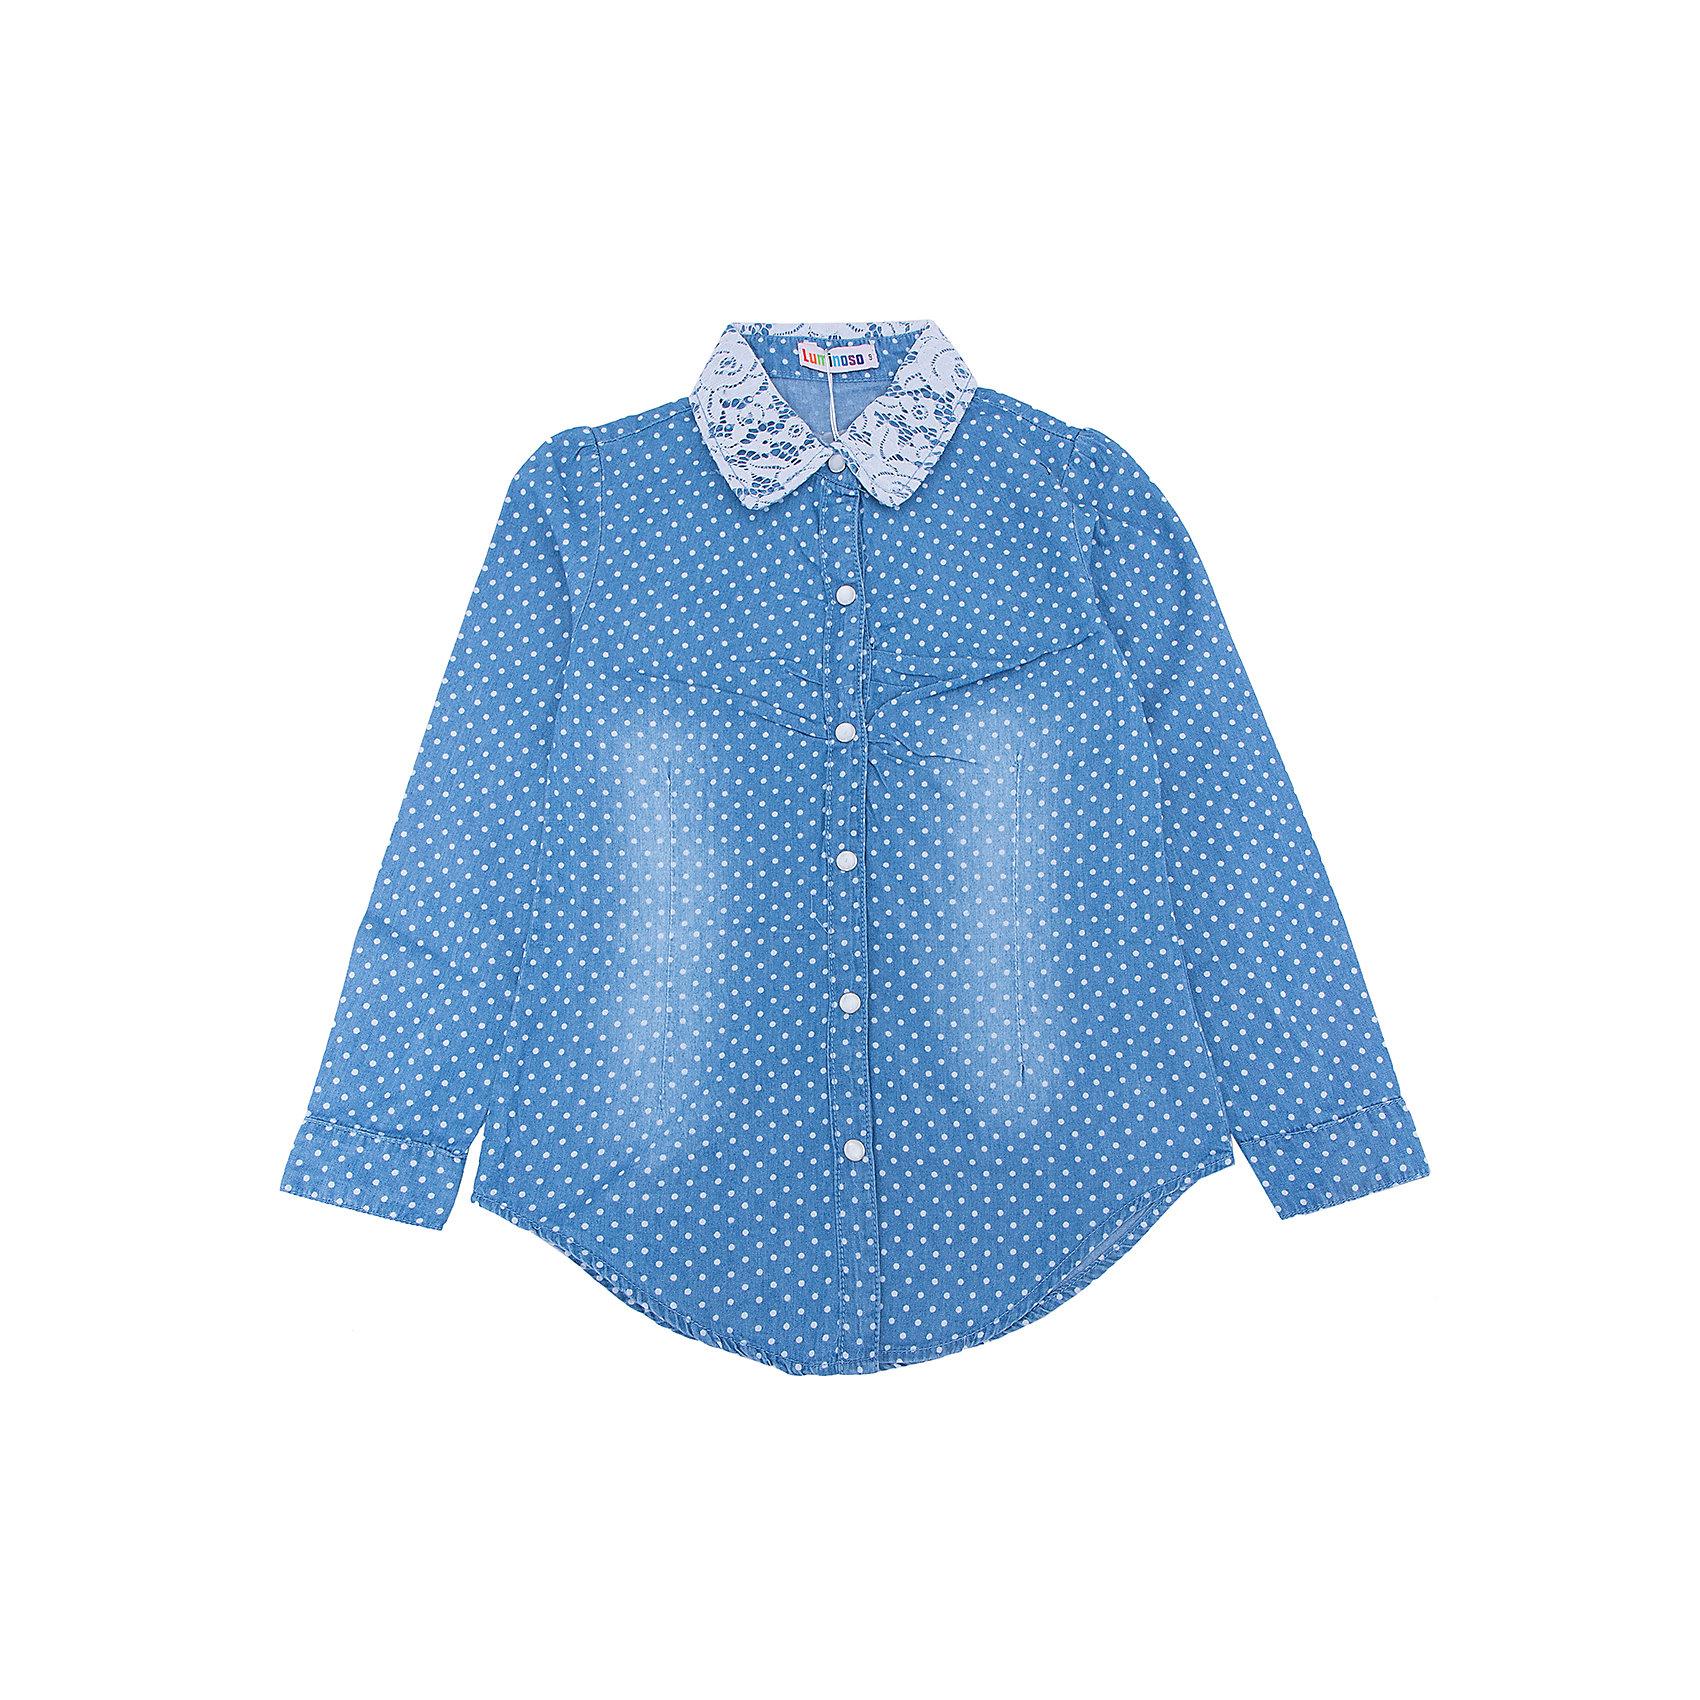 Рубашка джинсовая для девочки LuminosoБлузки и рубашки<br>Характеристики товара:<br><br>- цвет: голубой;<br>- материал: 100% хлопок;<br>- ворот - декорирован кружевом;<br>- длинный рукав;<br>- застежки кнопки.<br><br>Стильная одежда от бренда Luminoso (Люминосо), созданная при участии итальянских дизайнеров, учитывает потребности подростков и последние веяния моды. Она удобная и модная.<br>Эта хлопковая рубашка выглядит стильно и нарядно, но при этом подходит для ежедневного ношения. Он хорошо сидит на ребенке, обеспечивает комфорт и отлично сочетается с одежной разных стилей. Модель отличается высоким качеством материала и продуманным дизайном. Натуральный хлопок в составе изделия делает его дышащим, приятным на ощупь и гипоаллергеным.<br><br>Рубашку для девочки от бренда Luminoso (Люминосо) можно купить в нашем интернет-магазине.<br><br>Ширина мм: 174<br>Глубина мм: 10<br>Высота мм: 169<br>Вес г: 157<br>Цвет: голубой<br>Возраст от месяцев: 156<br>Возраст до месяцев: 168<br>Пол: Женский<br>Возраст: Детский<br>Размер: 164,134,140,146,152,158<br>SKU: 4929549